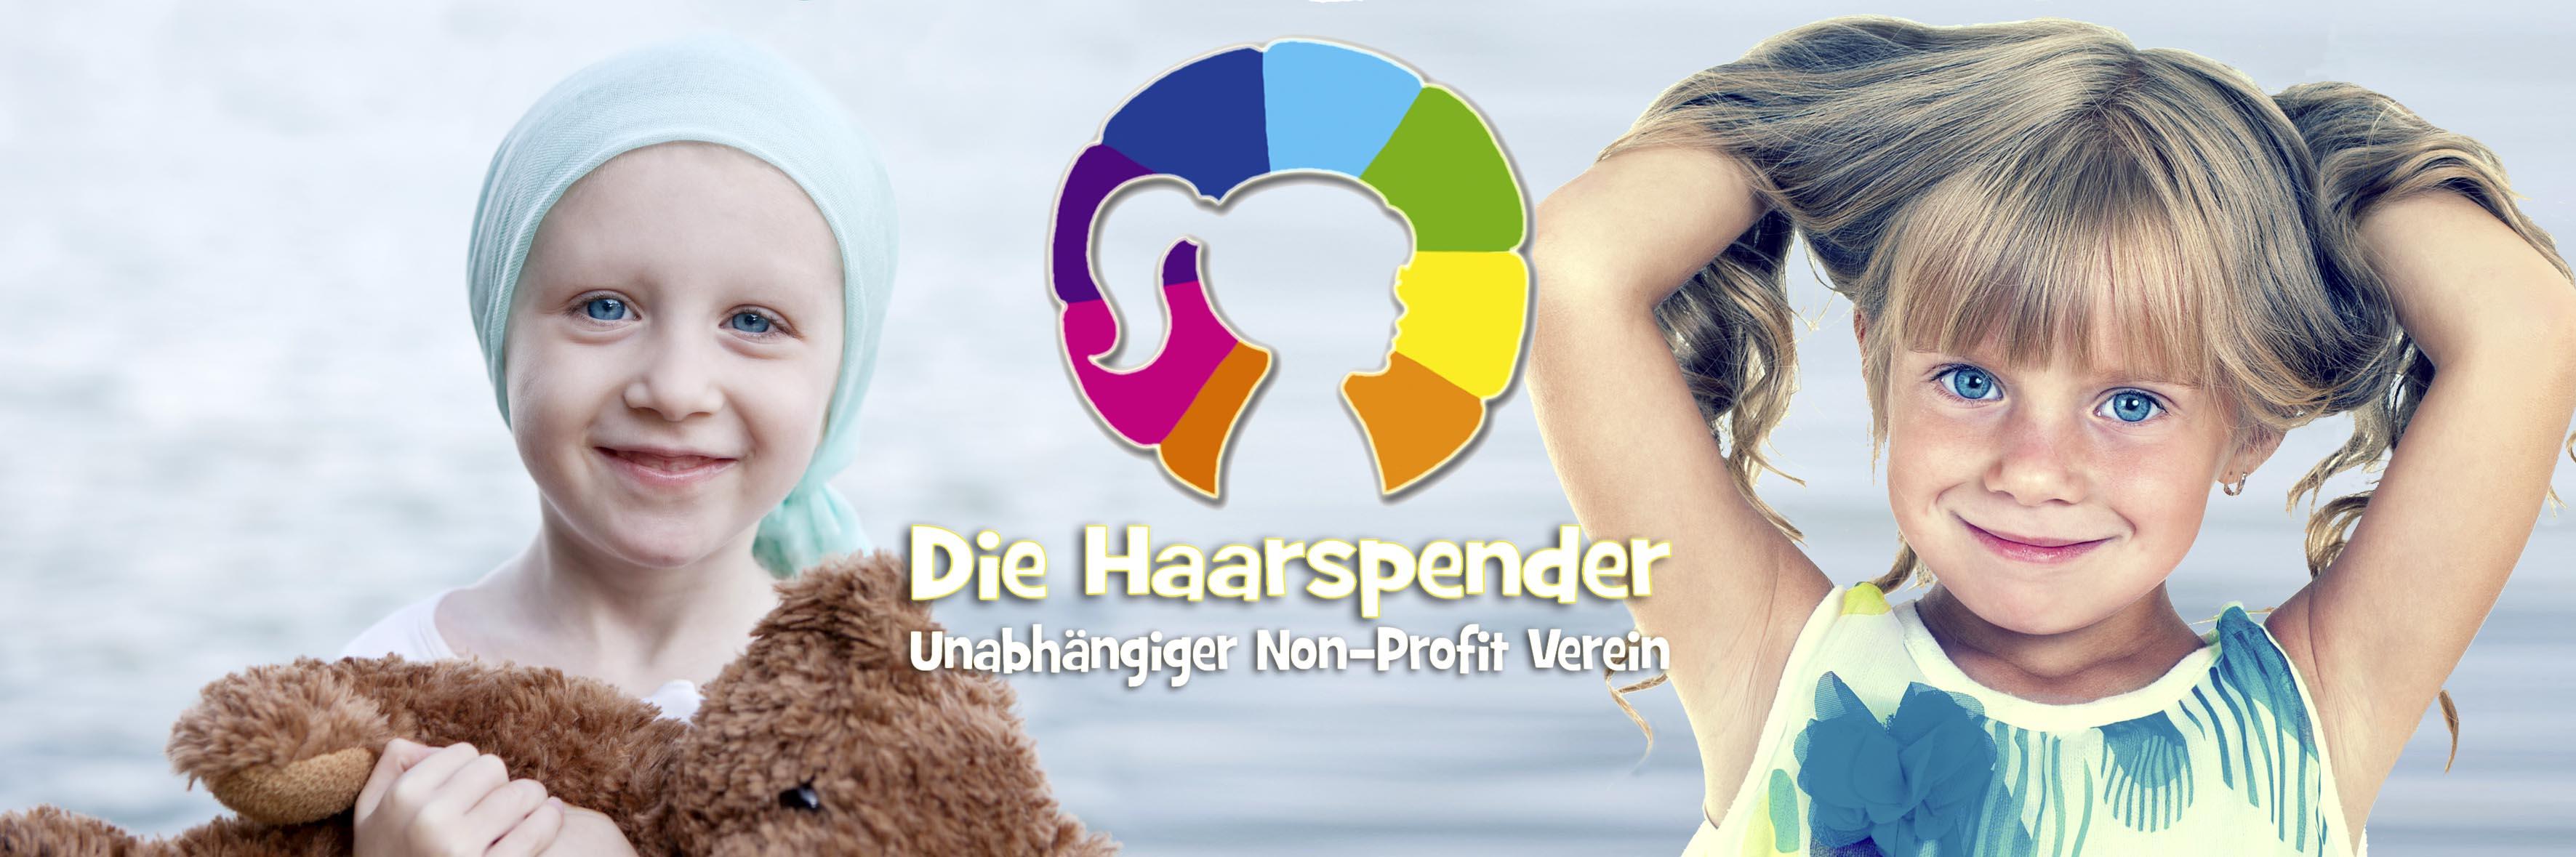 Verein Die Haarspender Spende Dein Haar Für Kinder